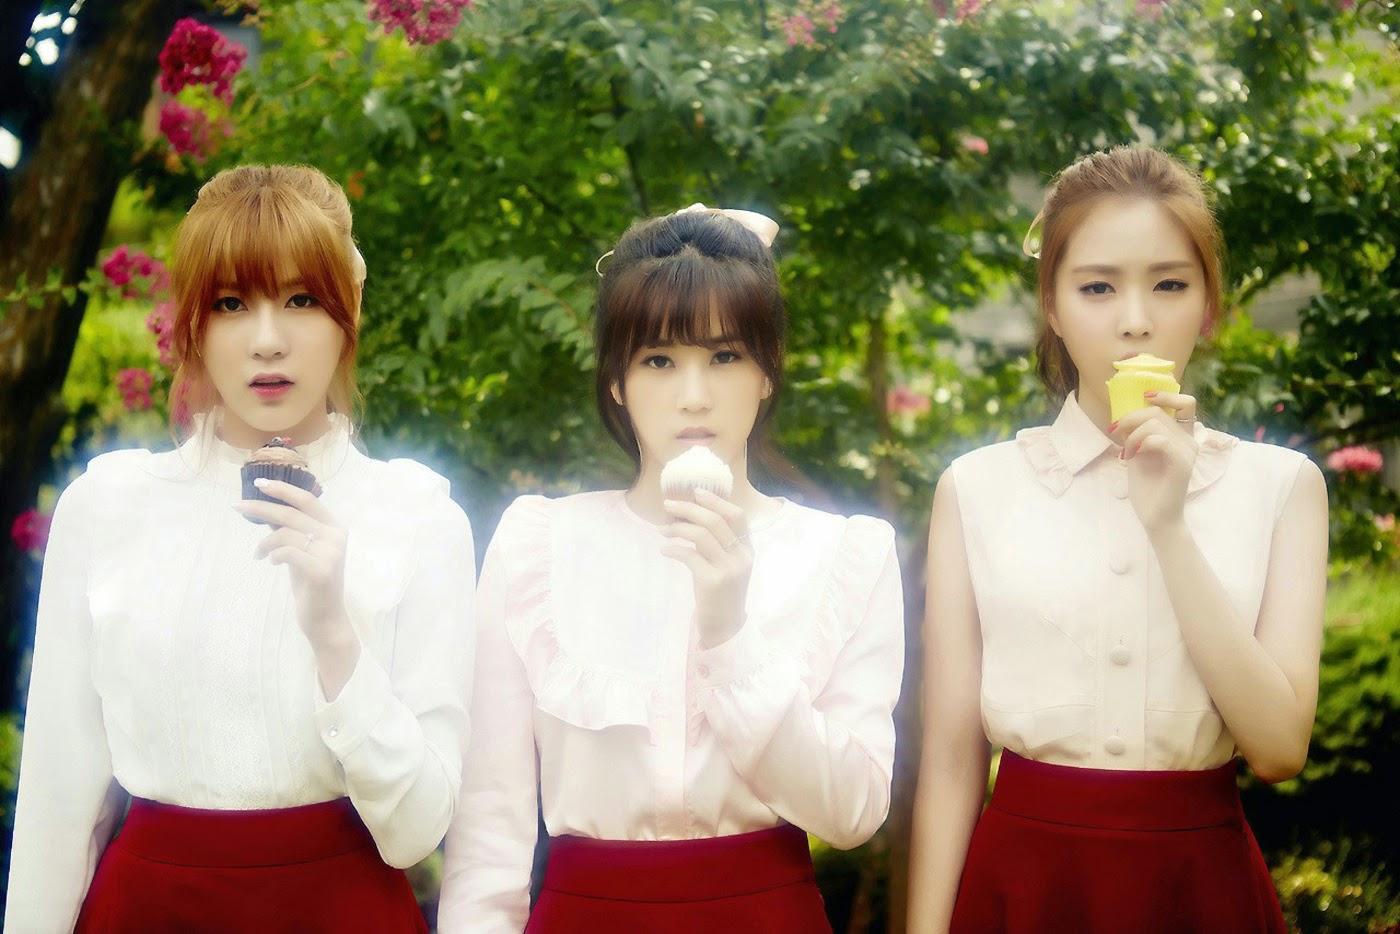 Hayoung Chorong Naeun PINK LUV concept